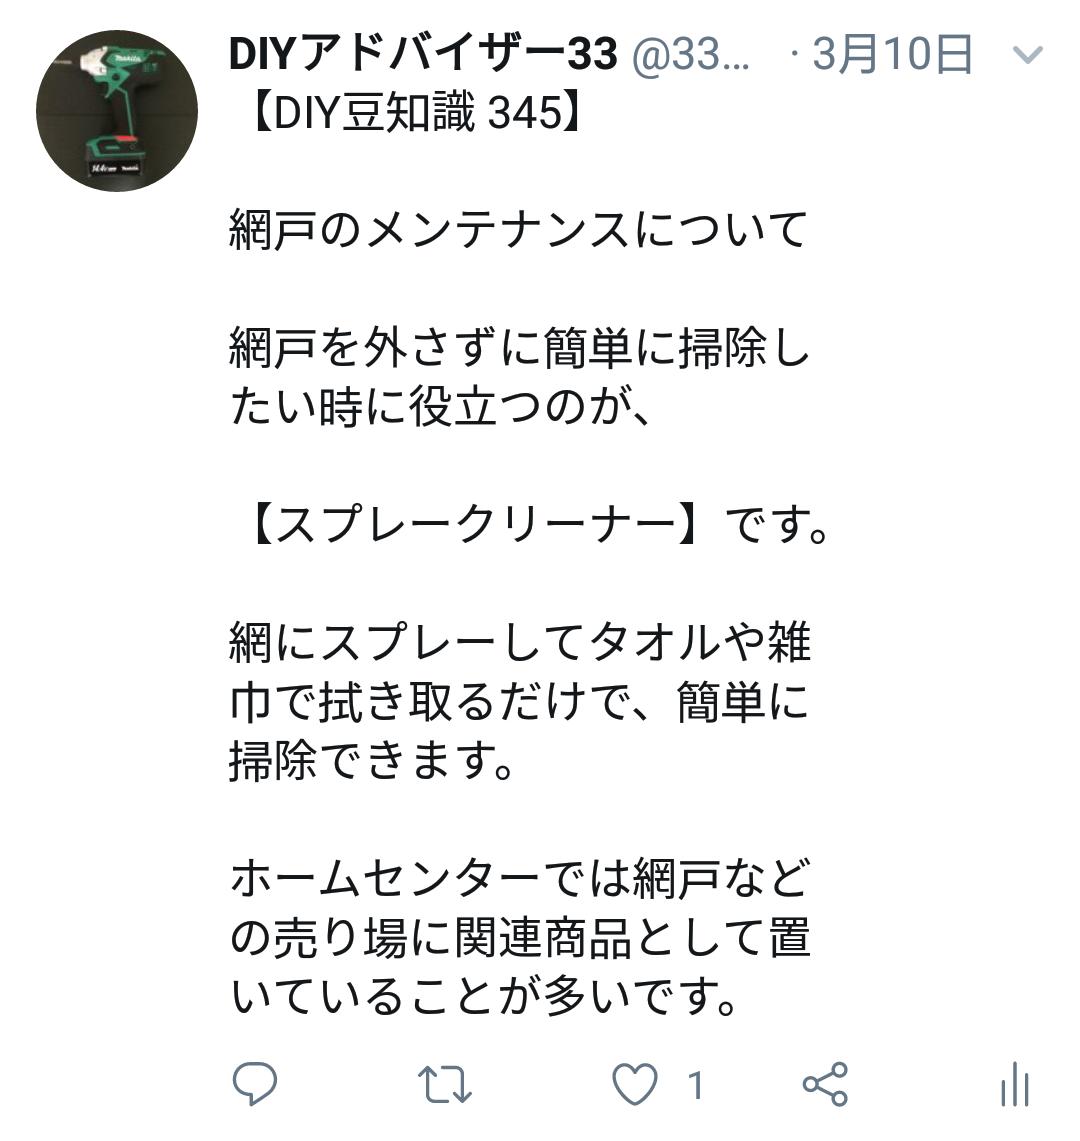 f:id:DIY33:20190410064525p:plain